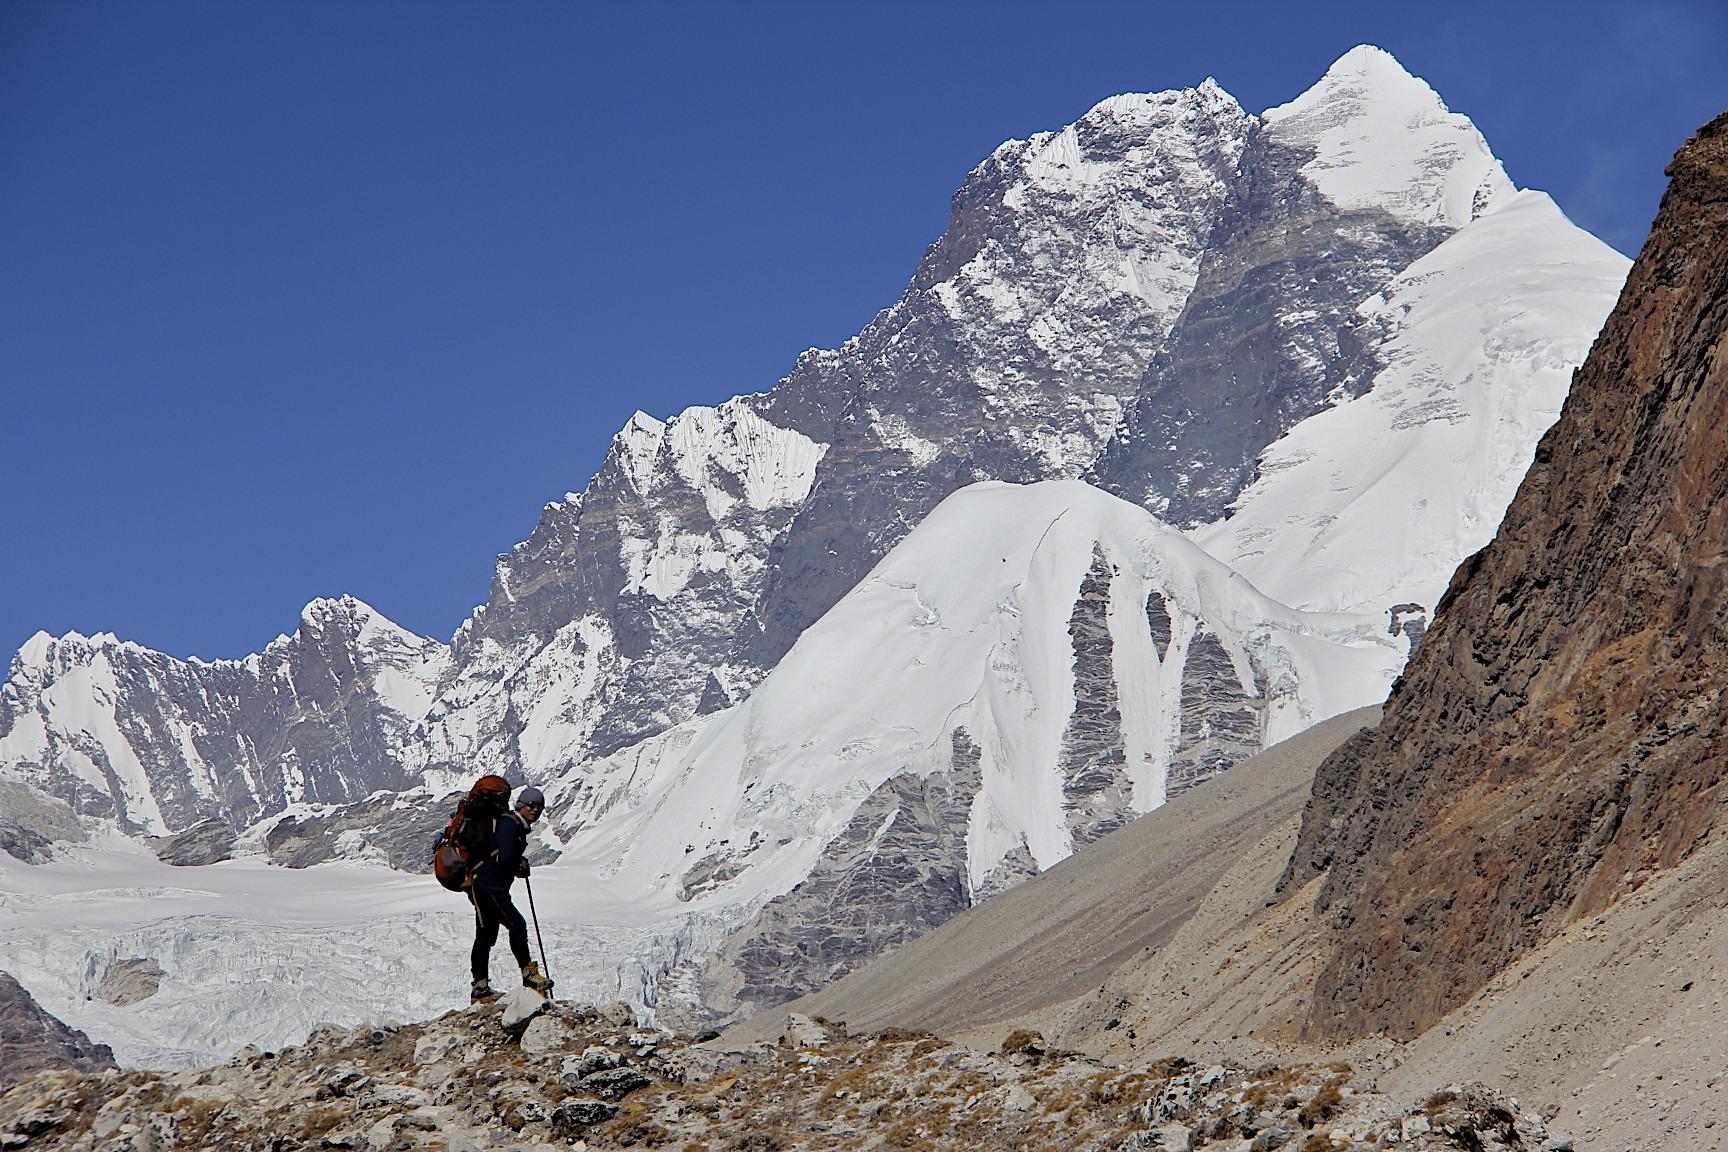 Lhotse Shar and Lhotse